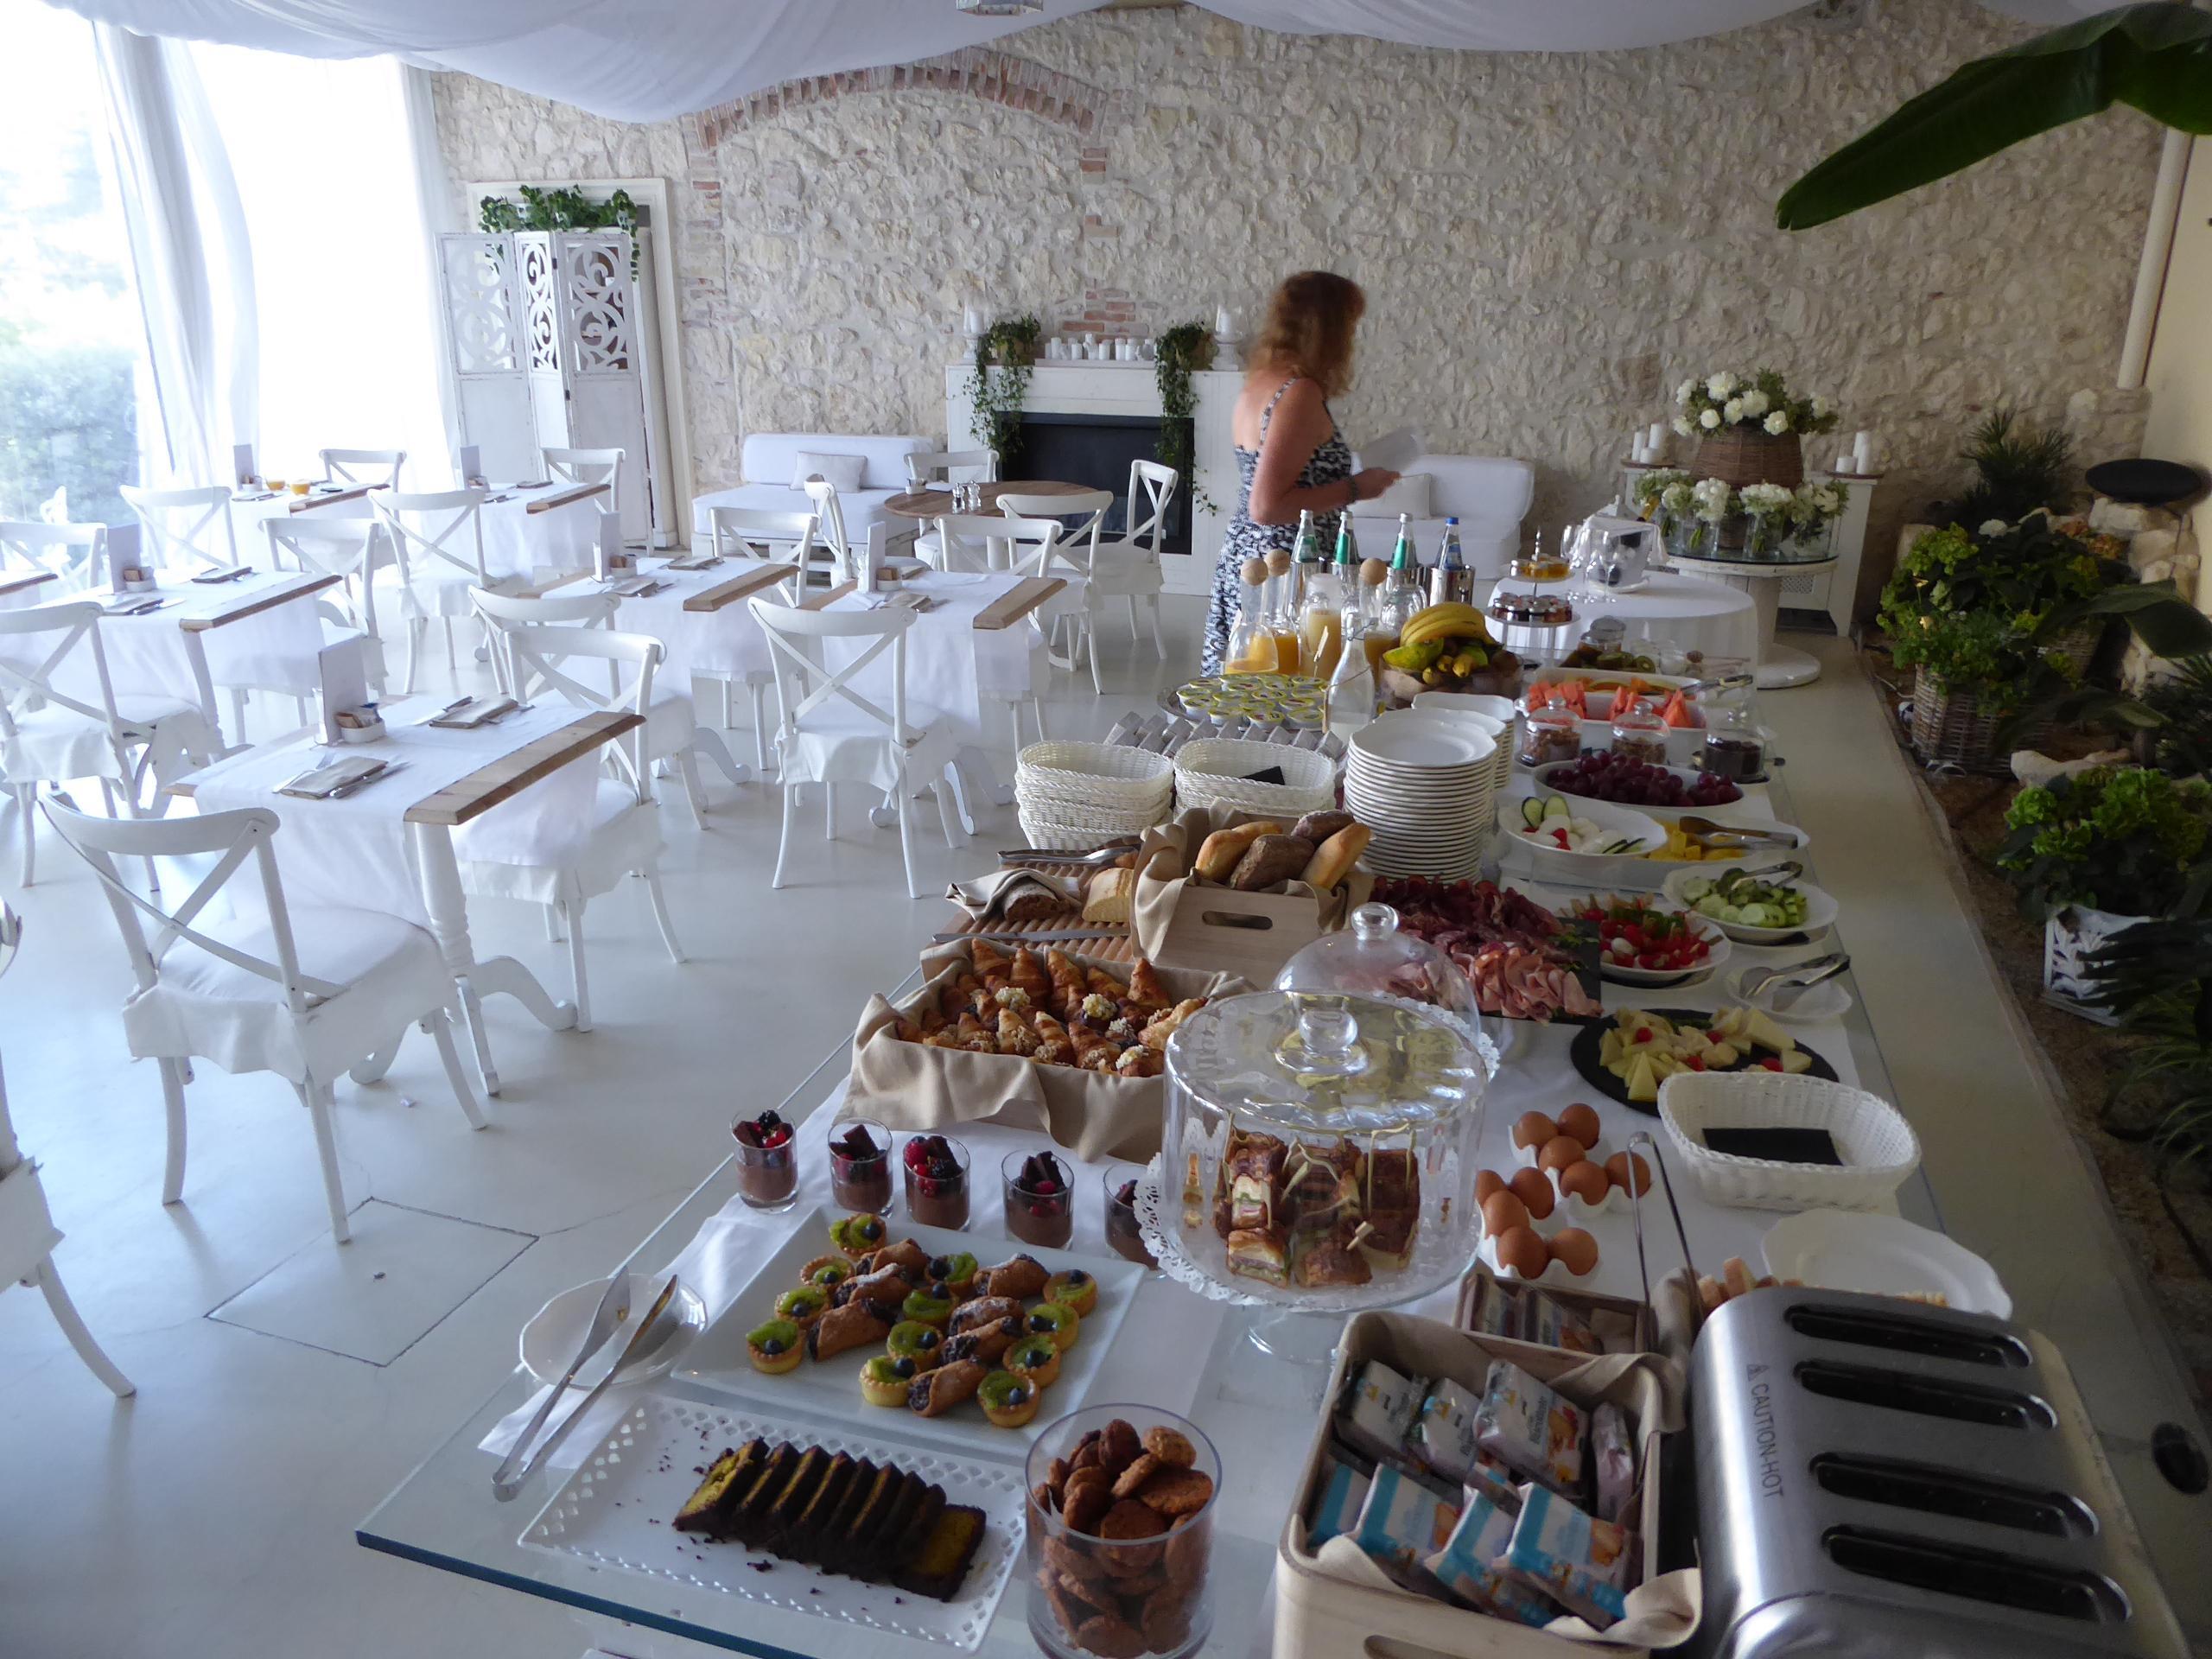 Buffet Italiano Cagliari : Hotel villa fanny cagliari ita best price guarantee lastminute